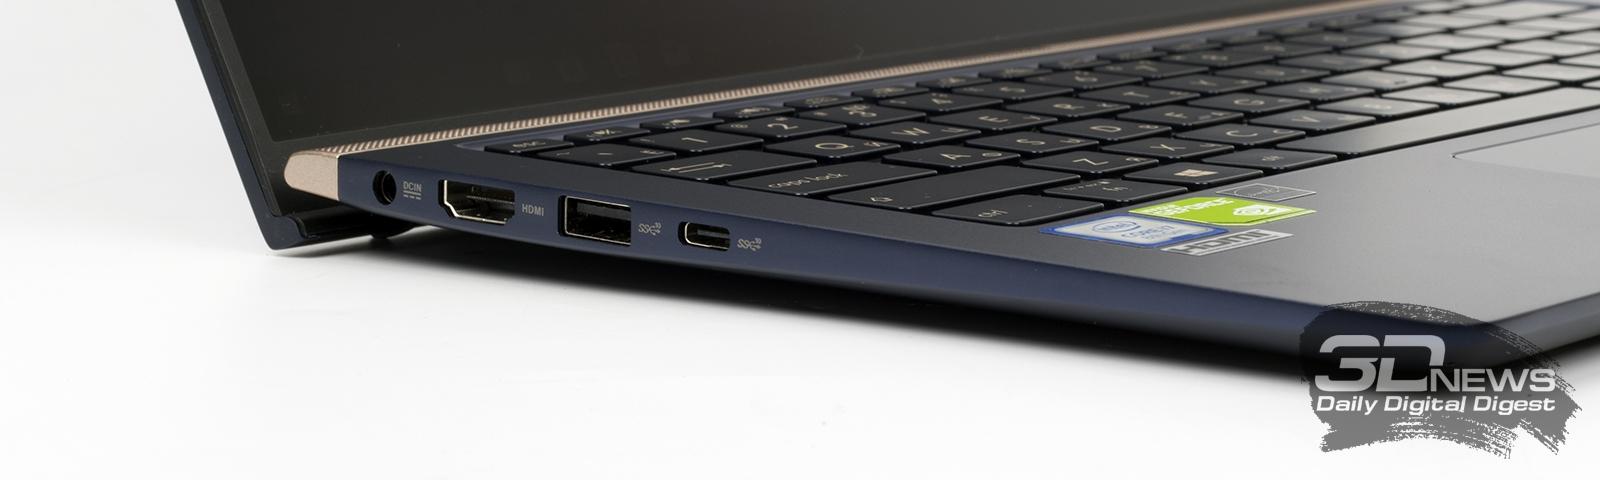 Обзор ультрабука ASUS ZenBook 14 UX433FN: компактность